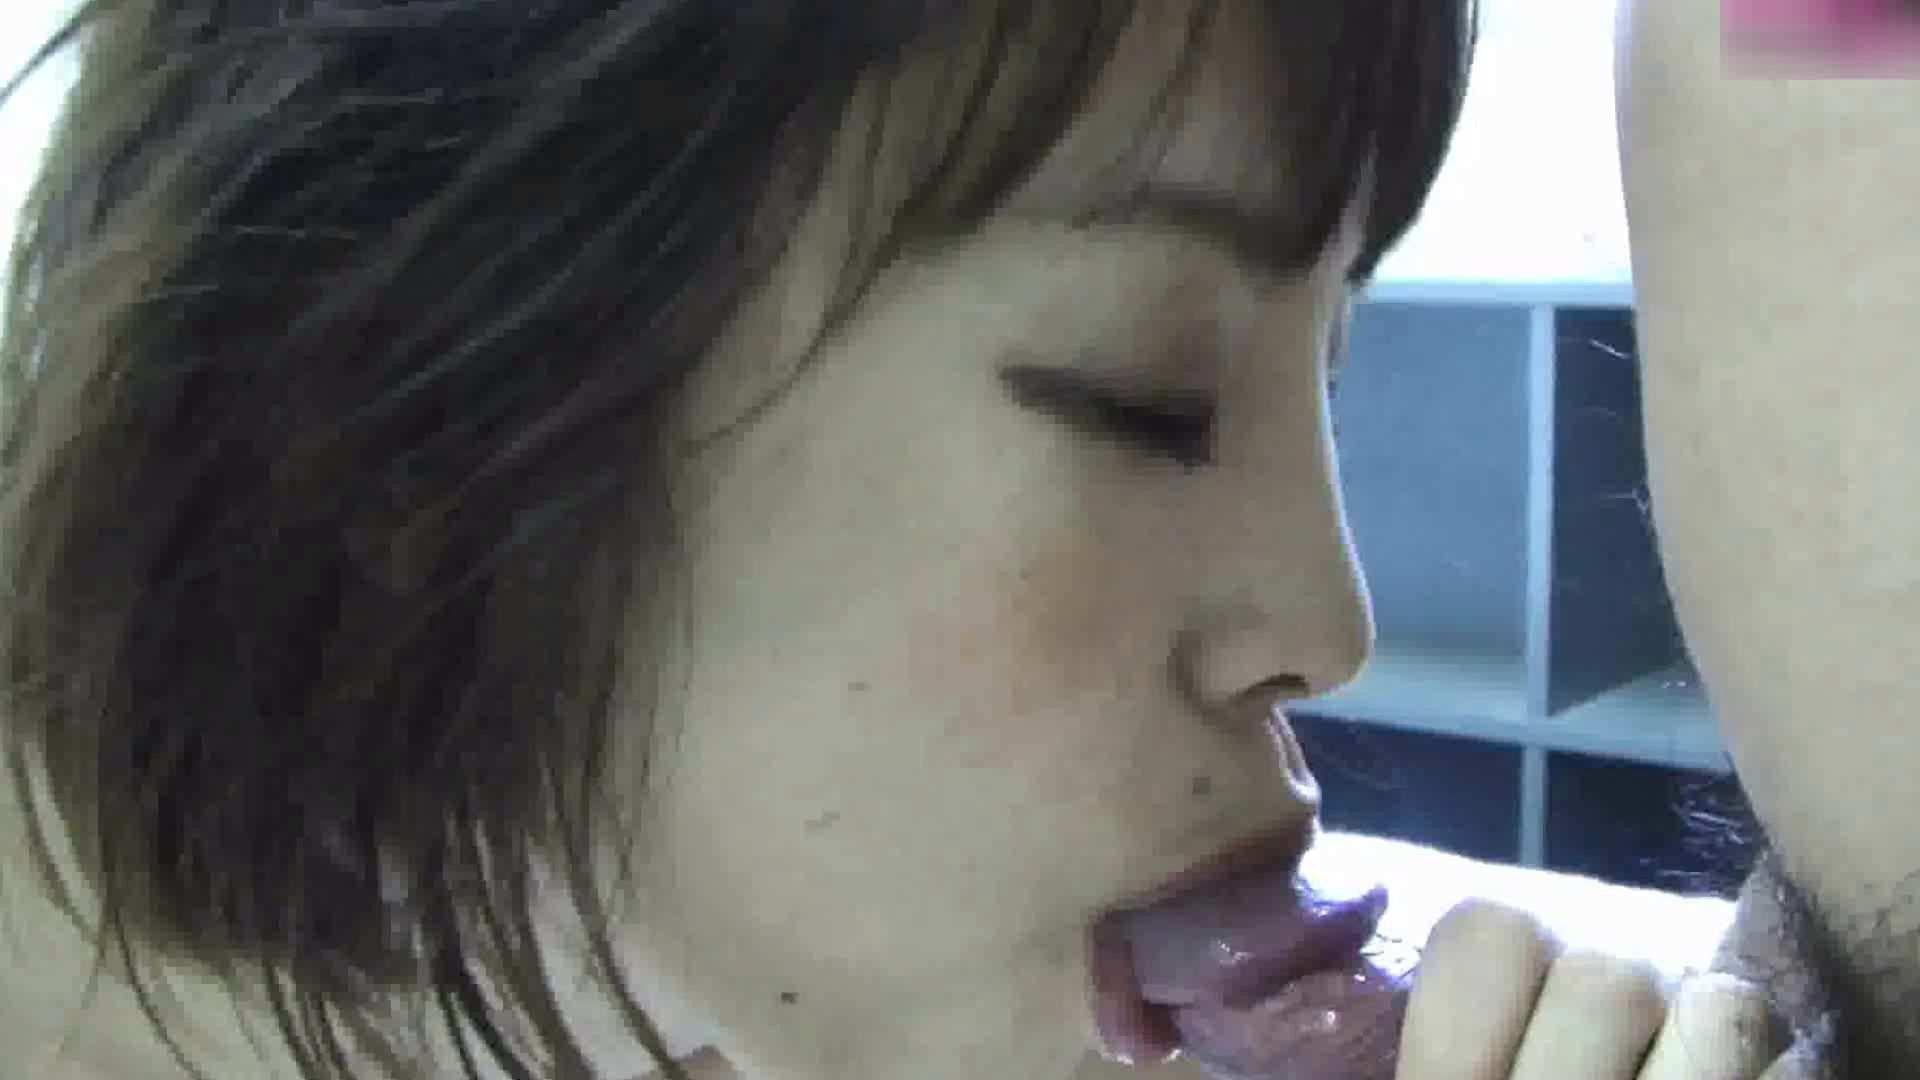 S級厳選美女ビッチガールVol.26 貧乳 われめAV動画紹介 63連発 53